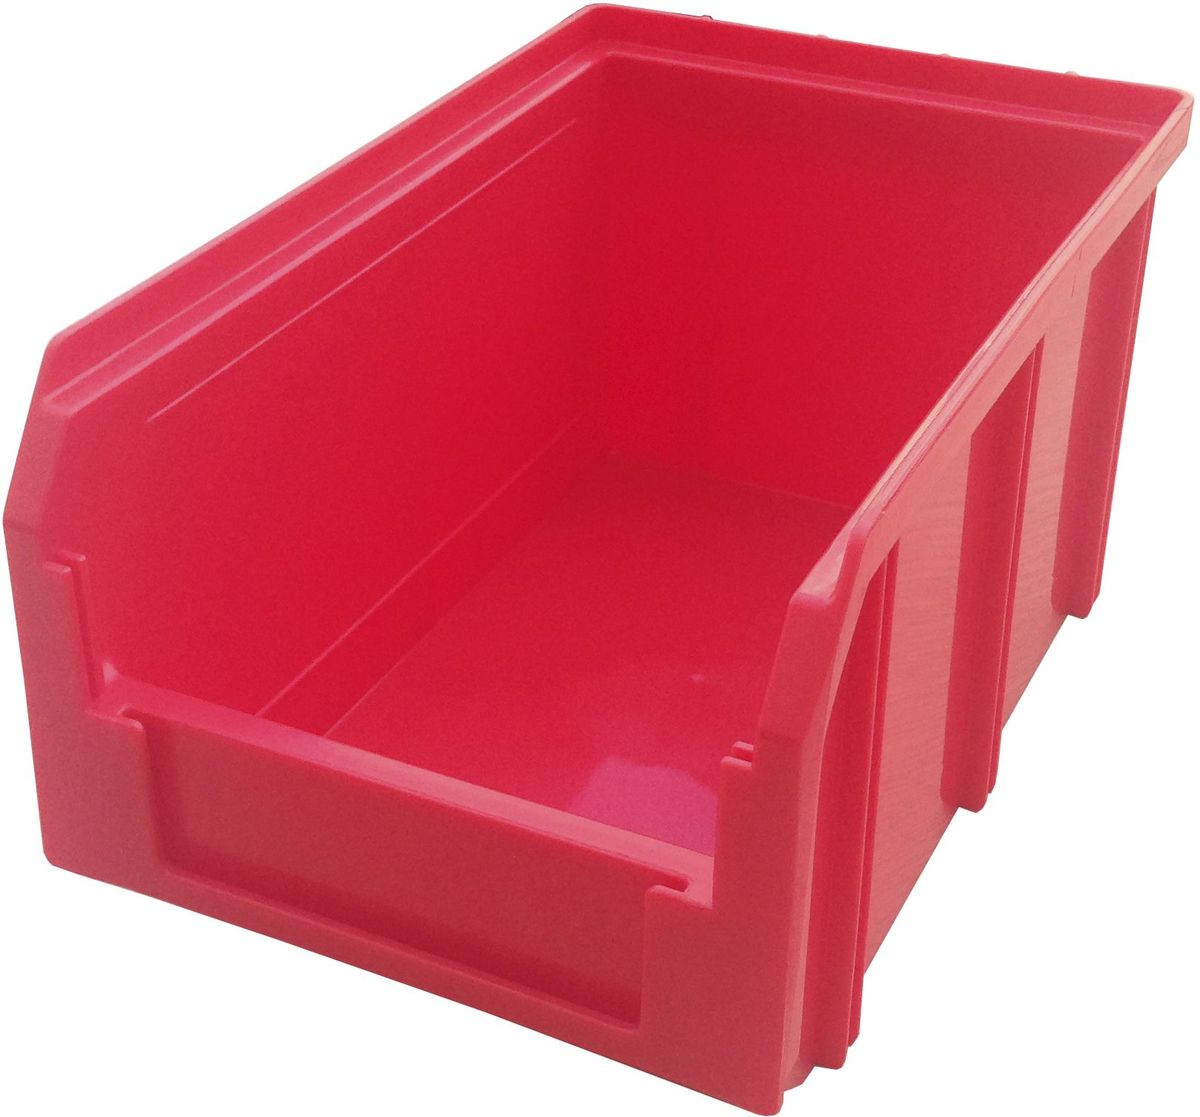 Ящик пластиковый Стелла V-2, цвет: красный, 12,1 х 14,9 х 23,4 смBG1163Пластиковый ящик V-2 (234 х 149 х 121 мм) применяется на складах для организации мест хранения для различных мелочей, например: деталей, заготовок, комплектующих, крепежа, запчастей и многого другого. Ящик отличается высоким уровнем износостойкости, он полностью выполнен из ударопрочного материала - полипропилена. Для быстрой идентификации нужного ящика в передней стенке предусмотрен карман для ярлыка с описанием содержимого.Вес, кг: 0,30. Габариты, мм: 234 x 149 x 121. Объем 3,8 л. Возможность штабелирования контейнеров друг на друга. Удобные рукоятки. Наличие зацепа для размещения на стойке.